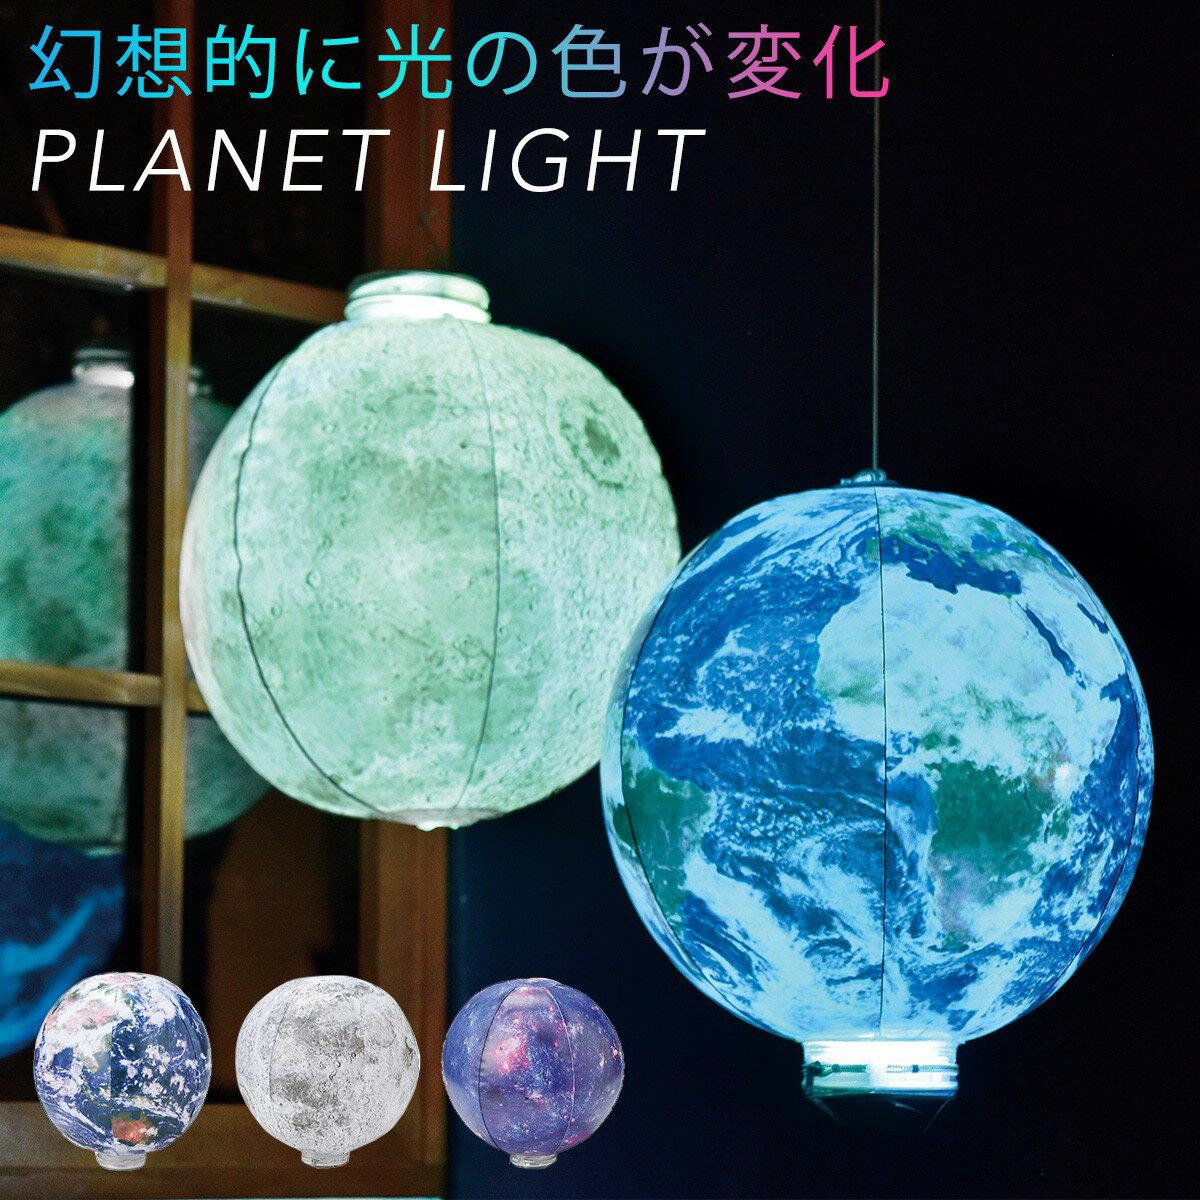 ライト LED 照明 おしゃれ シーリングライト 宇宙 地球 月 惑星 銀河 アース スペース 子供部屋 子ども部屋 新学期 宇宙好き フロアライト インフレータブル プラネットライト